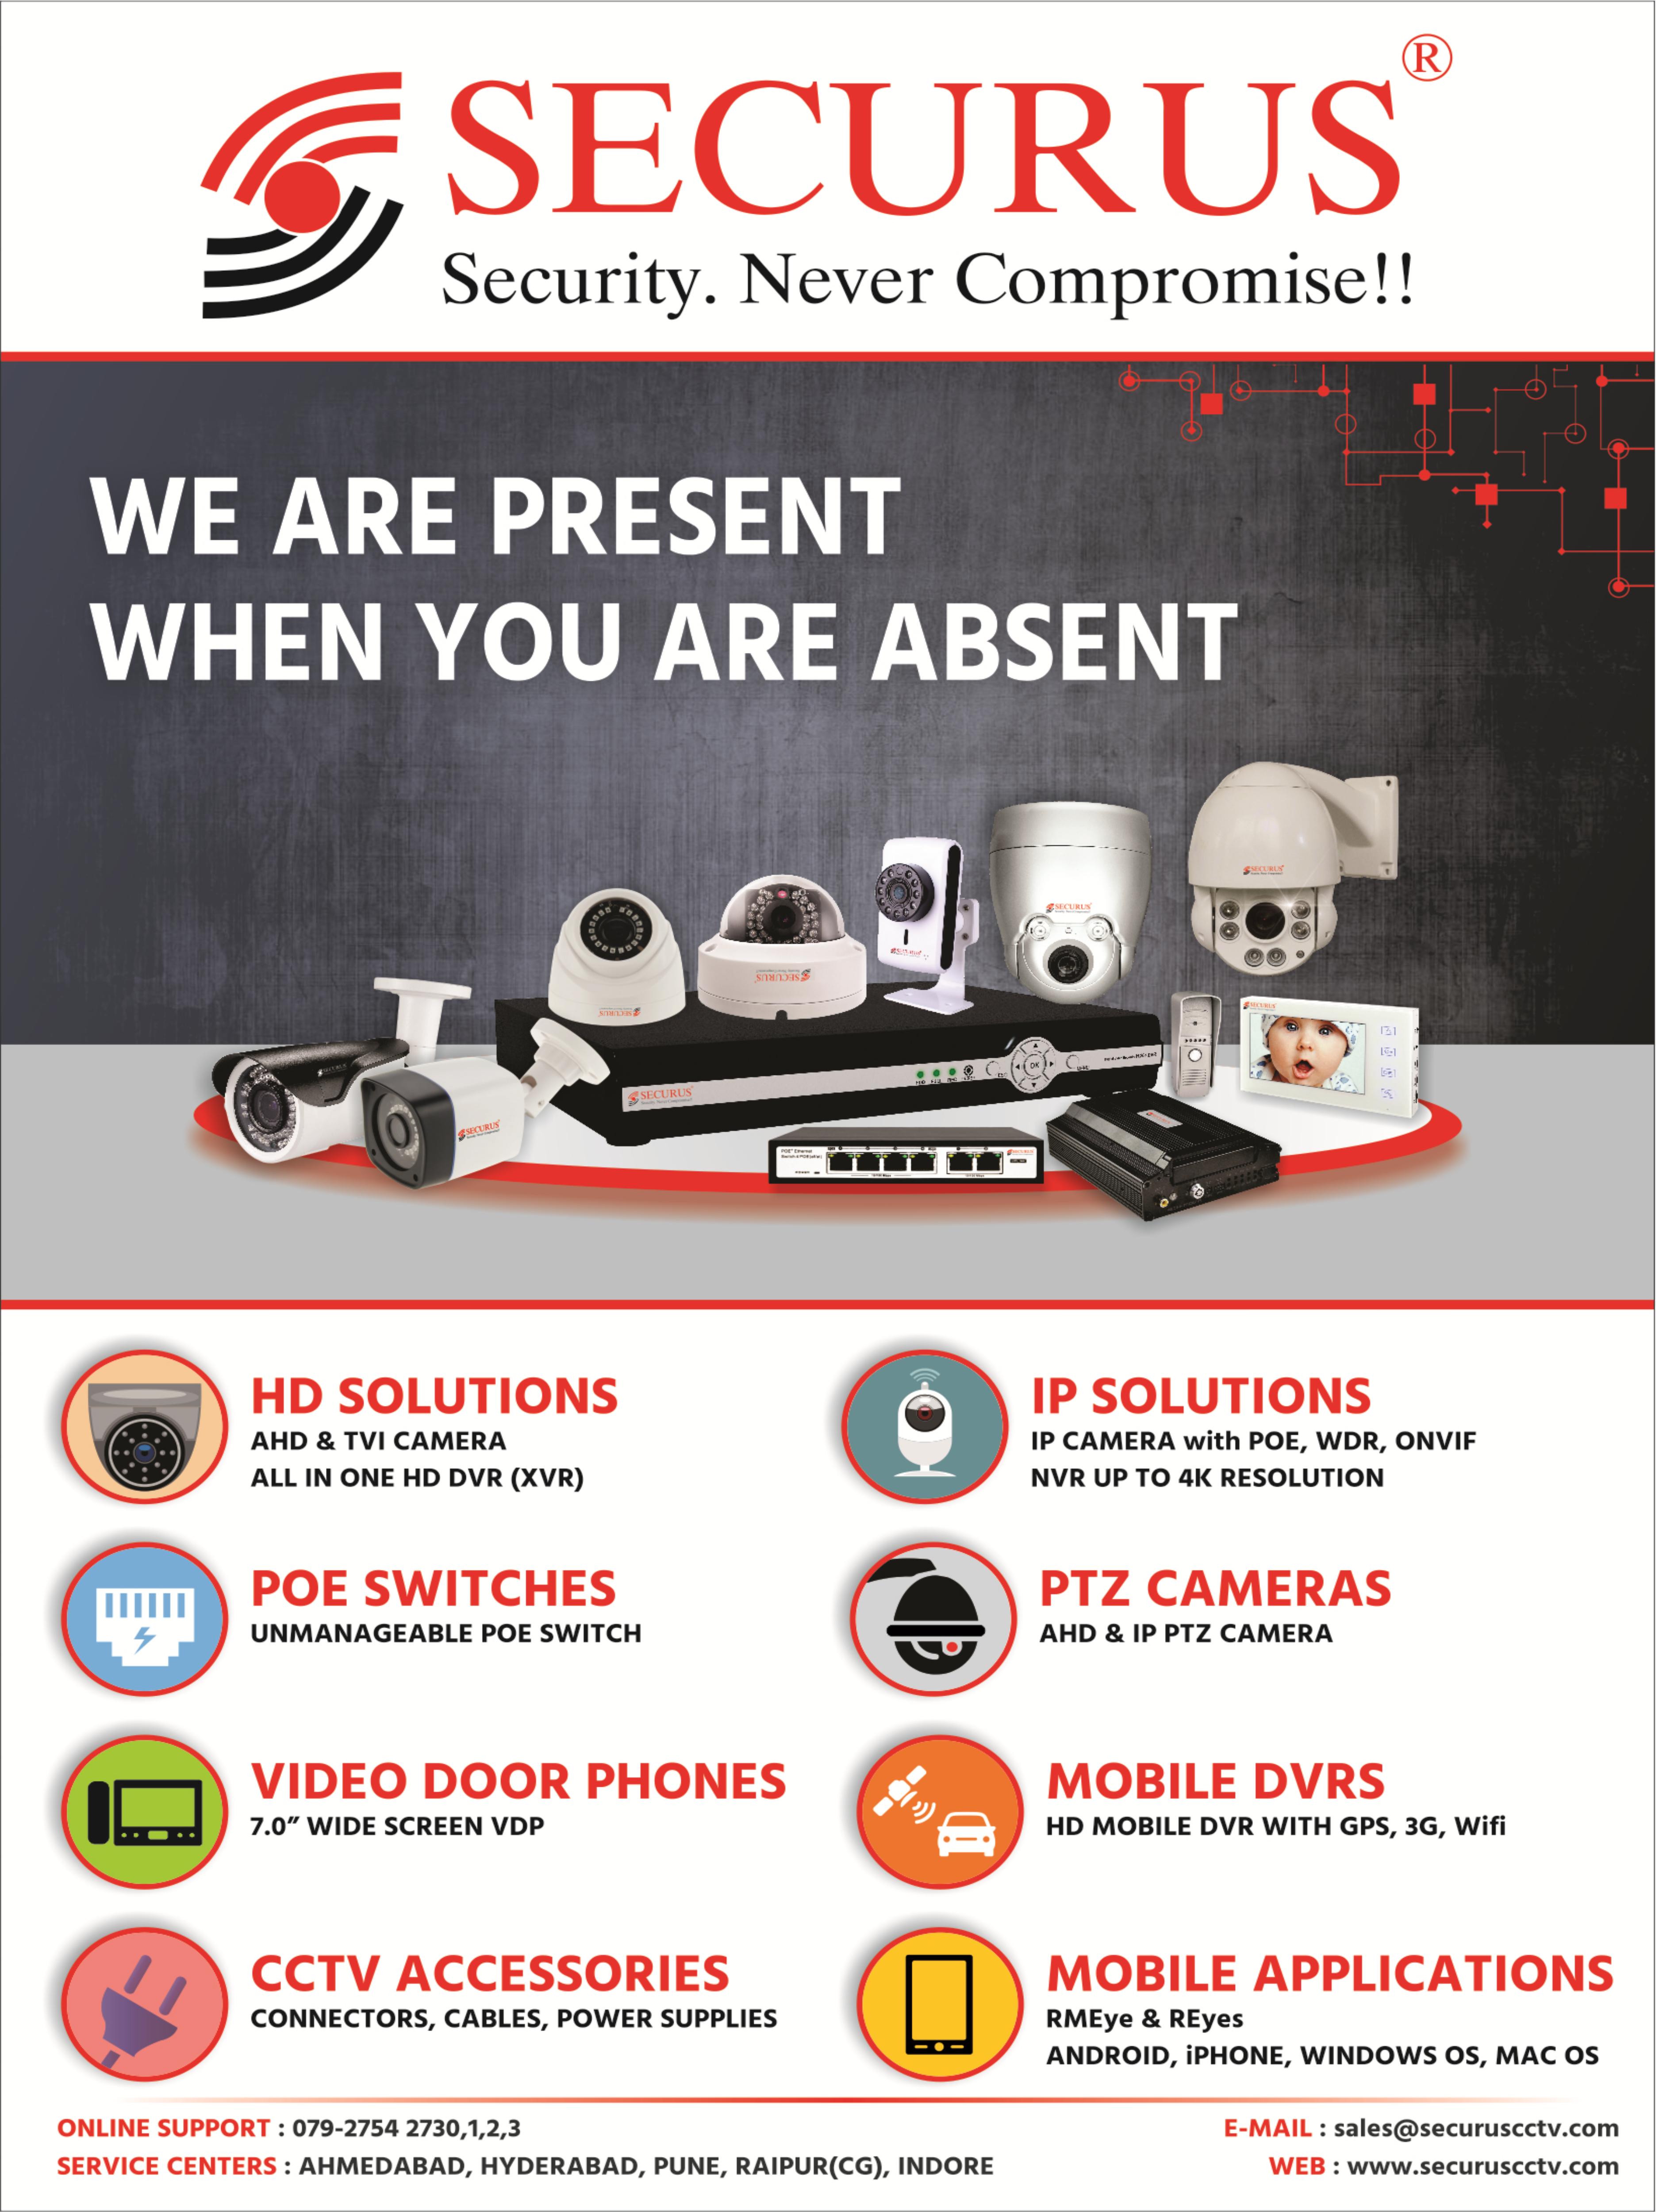 Securus CCTV